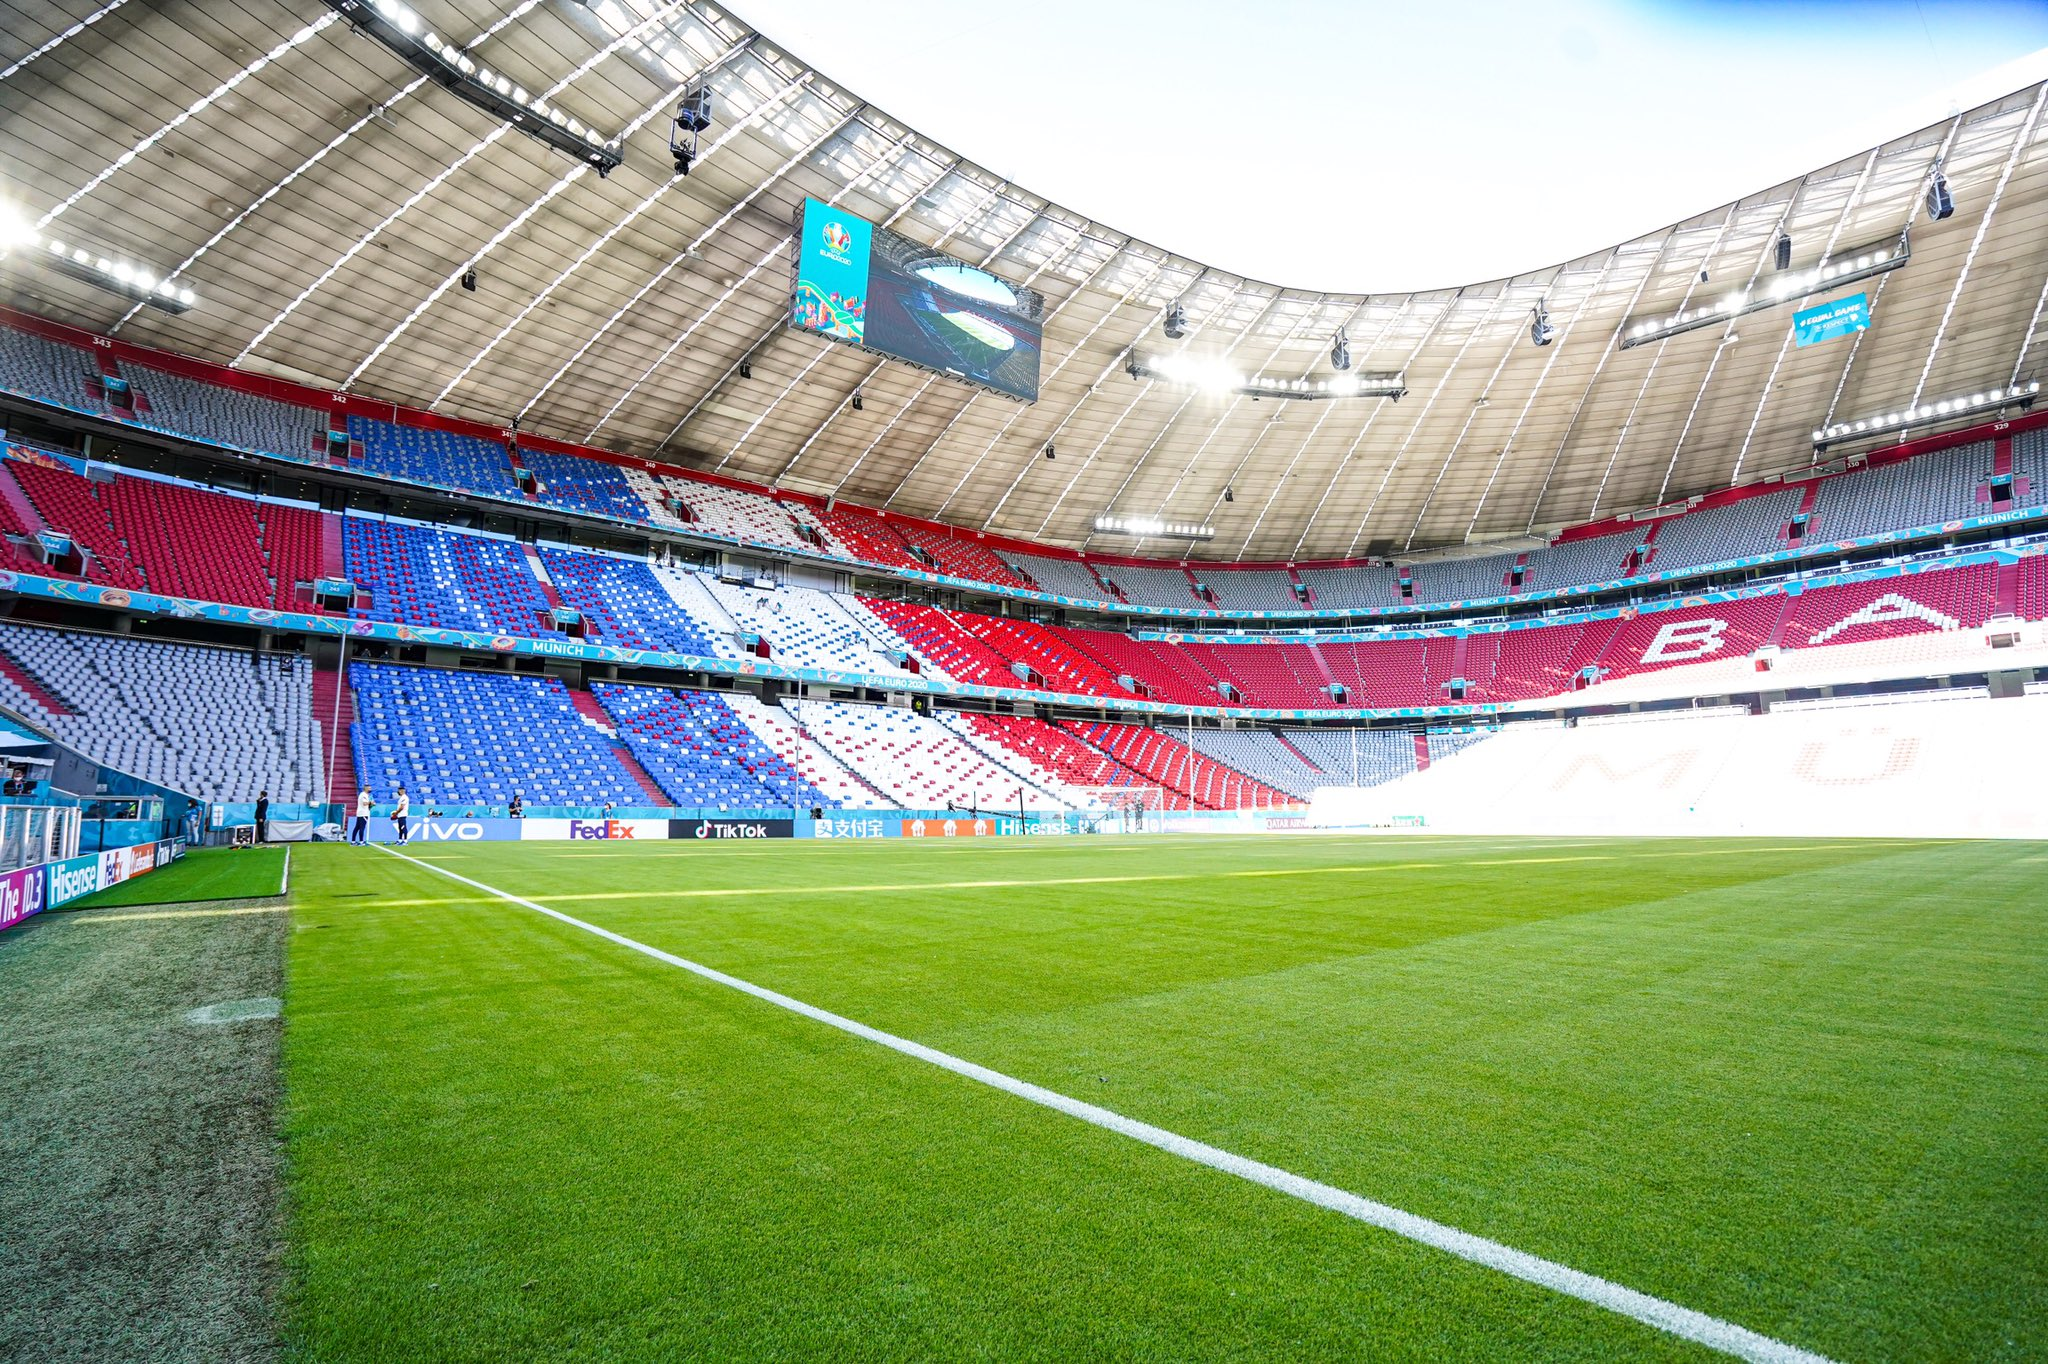 法德历史交锋战绩:法国14胜7平10负,近5次对德国保持不败